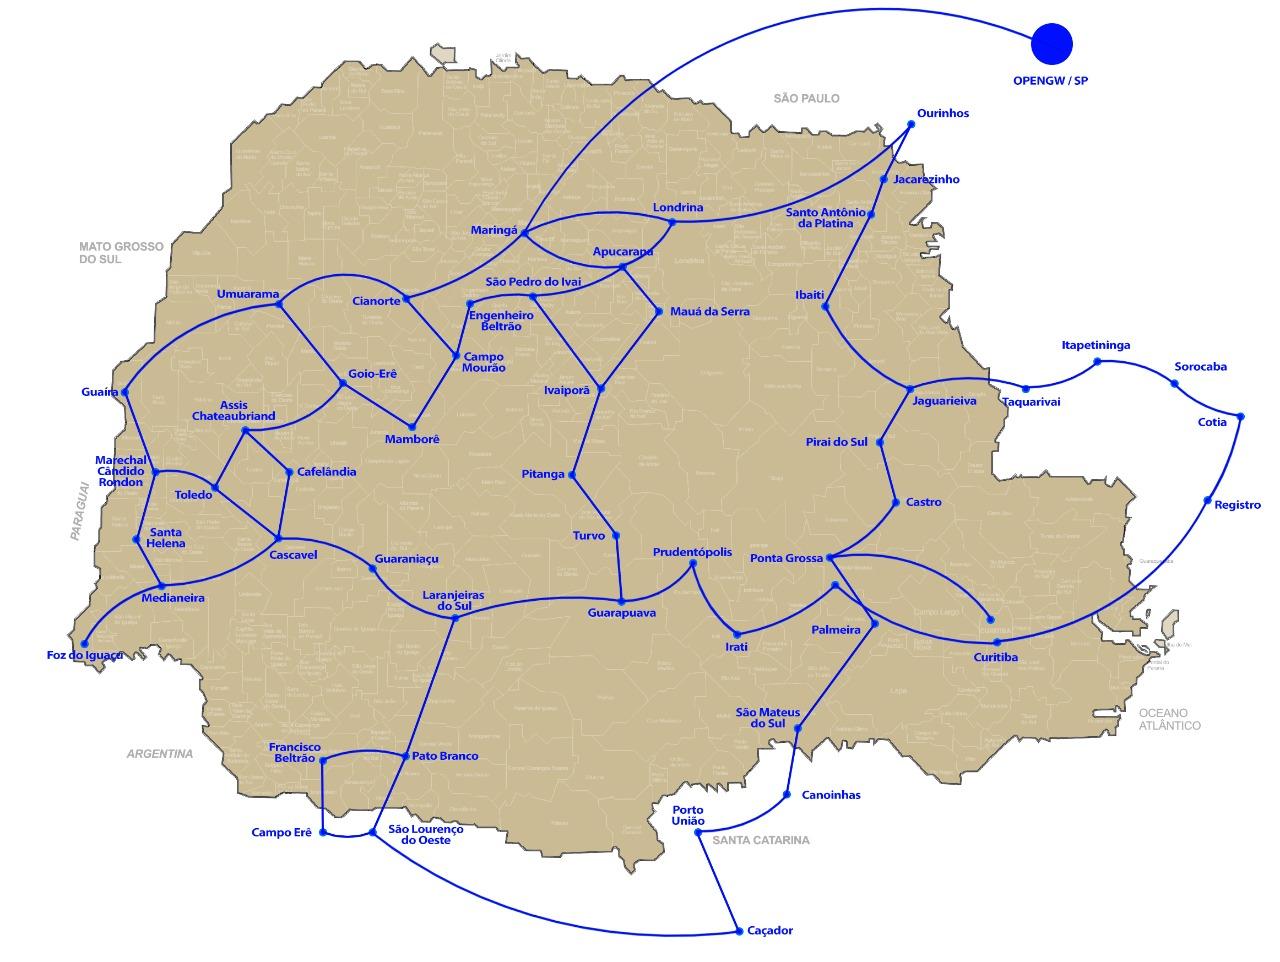 Nome:      Parana mapa.jpg Visitas:     15 Tamanho:  220,0 KB